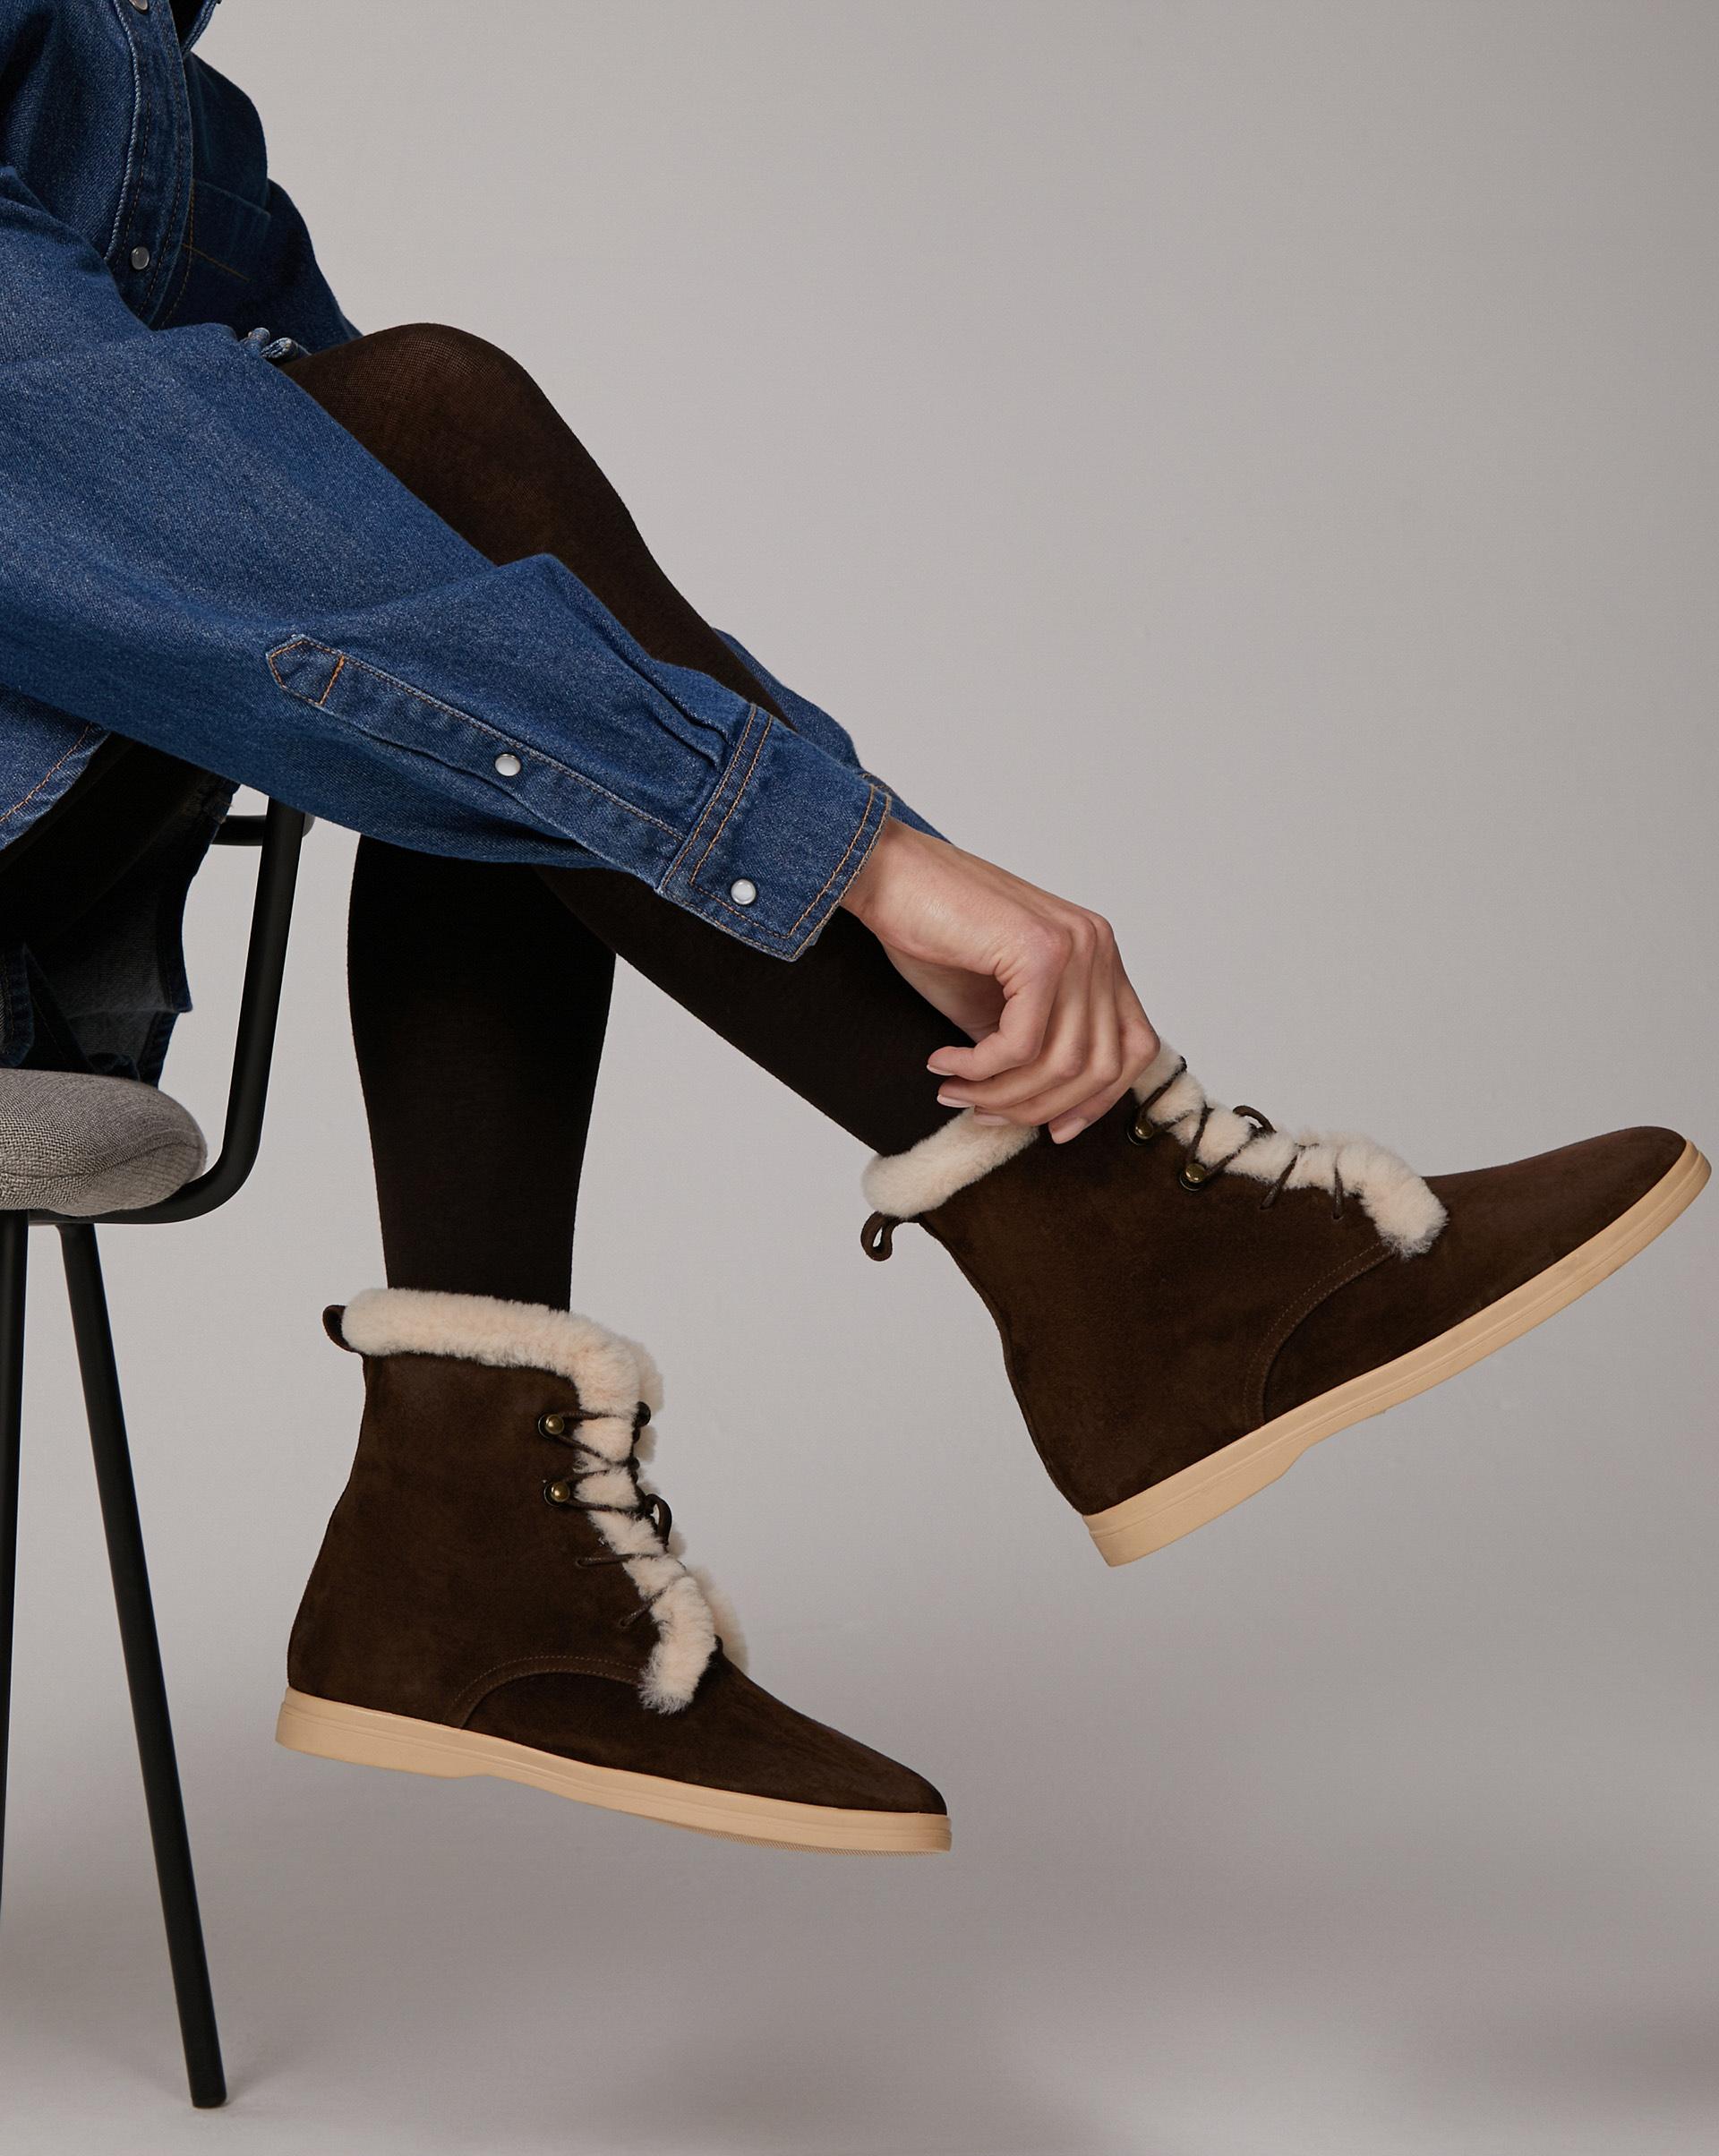 12⠀STOREEZ Высокие ботинки с мехом 12⠀storeez ботинки высокие с мехом